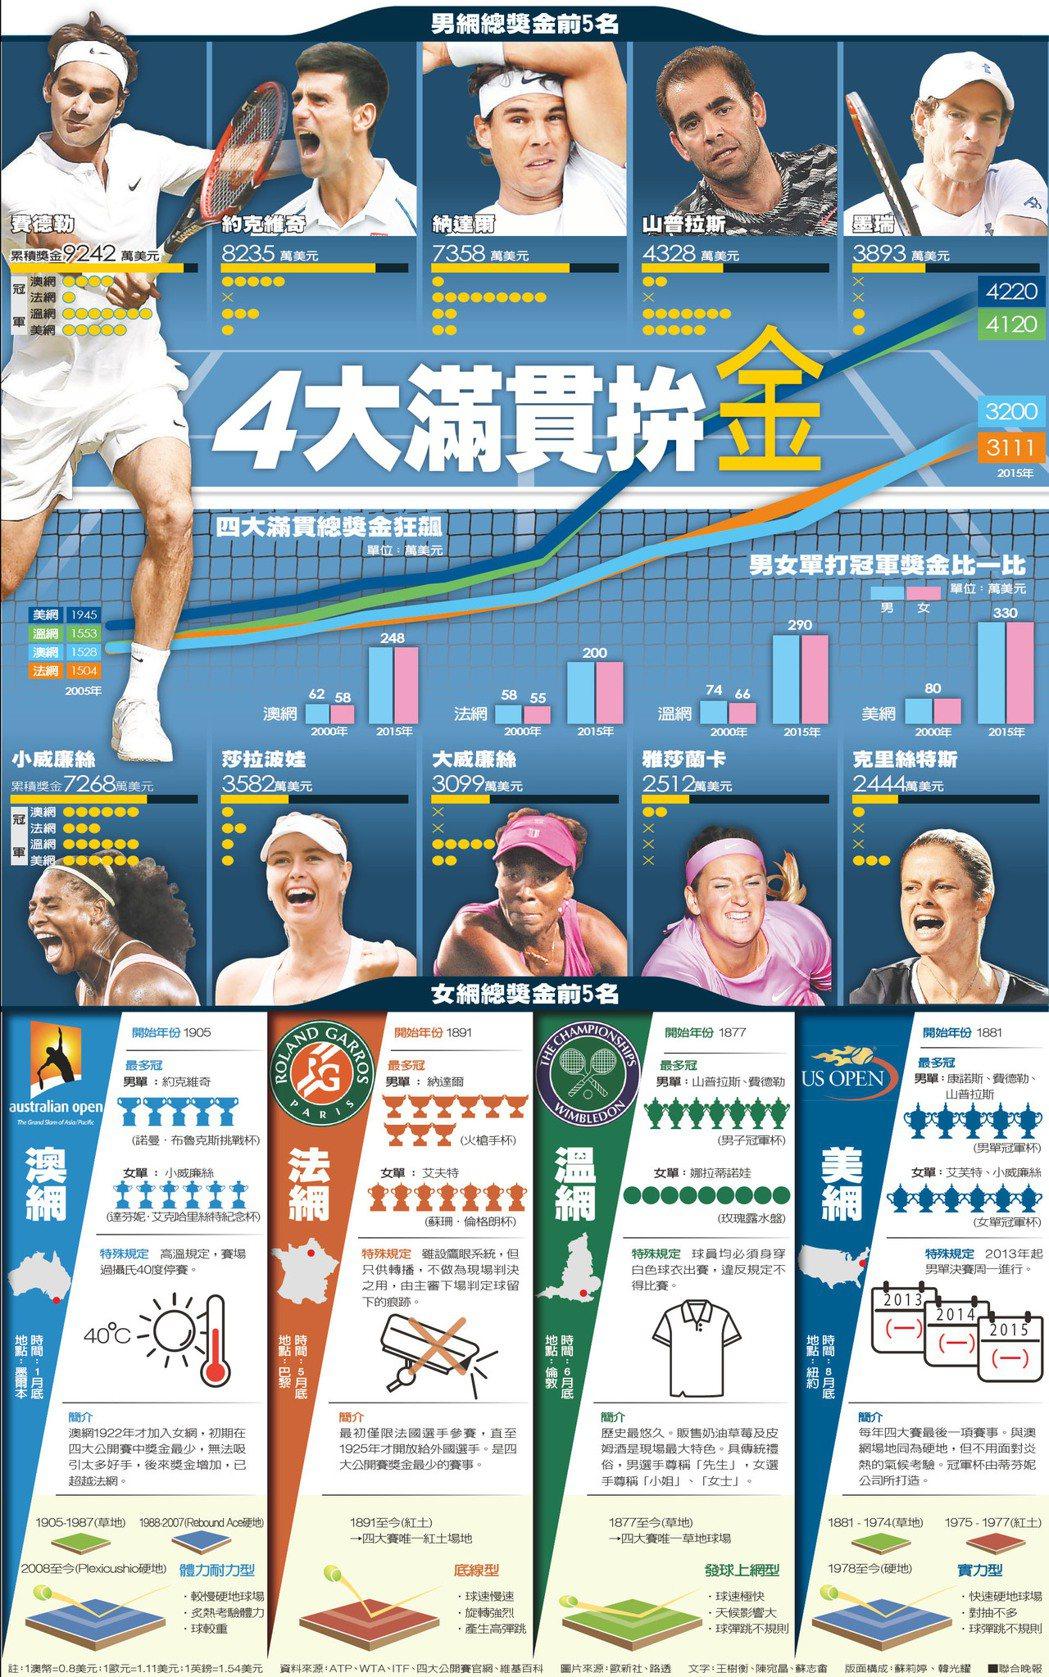 4大滿貫拚金 資料來源:ATP、WTA、ITF、四大公開賽官網、維基百科 圖片...